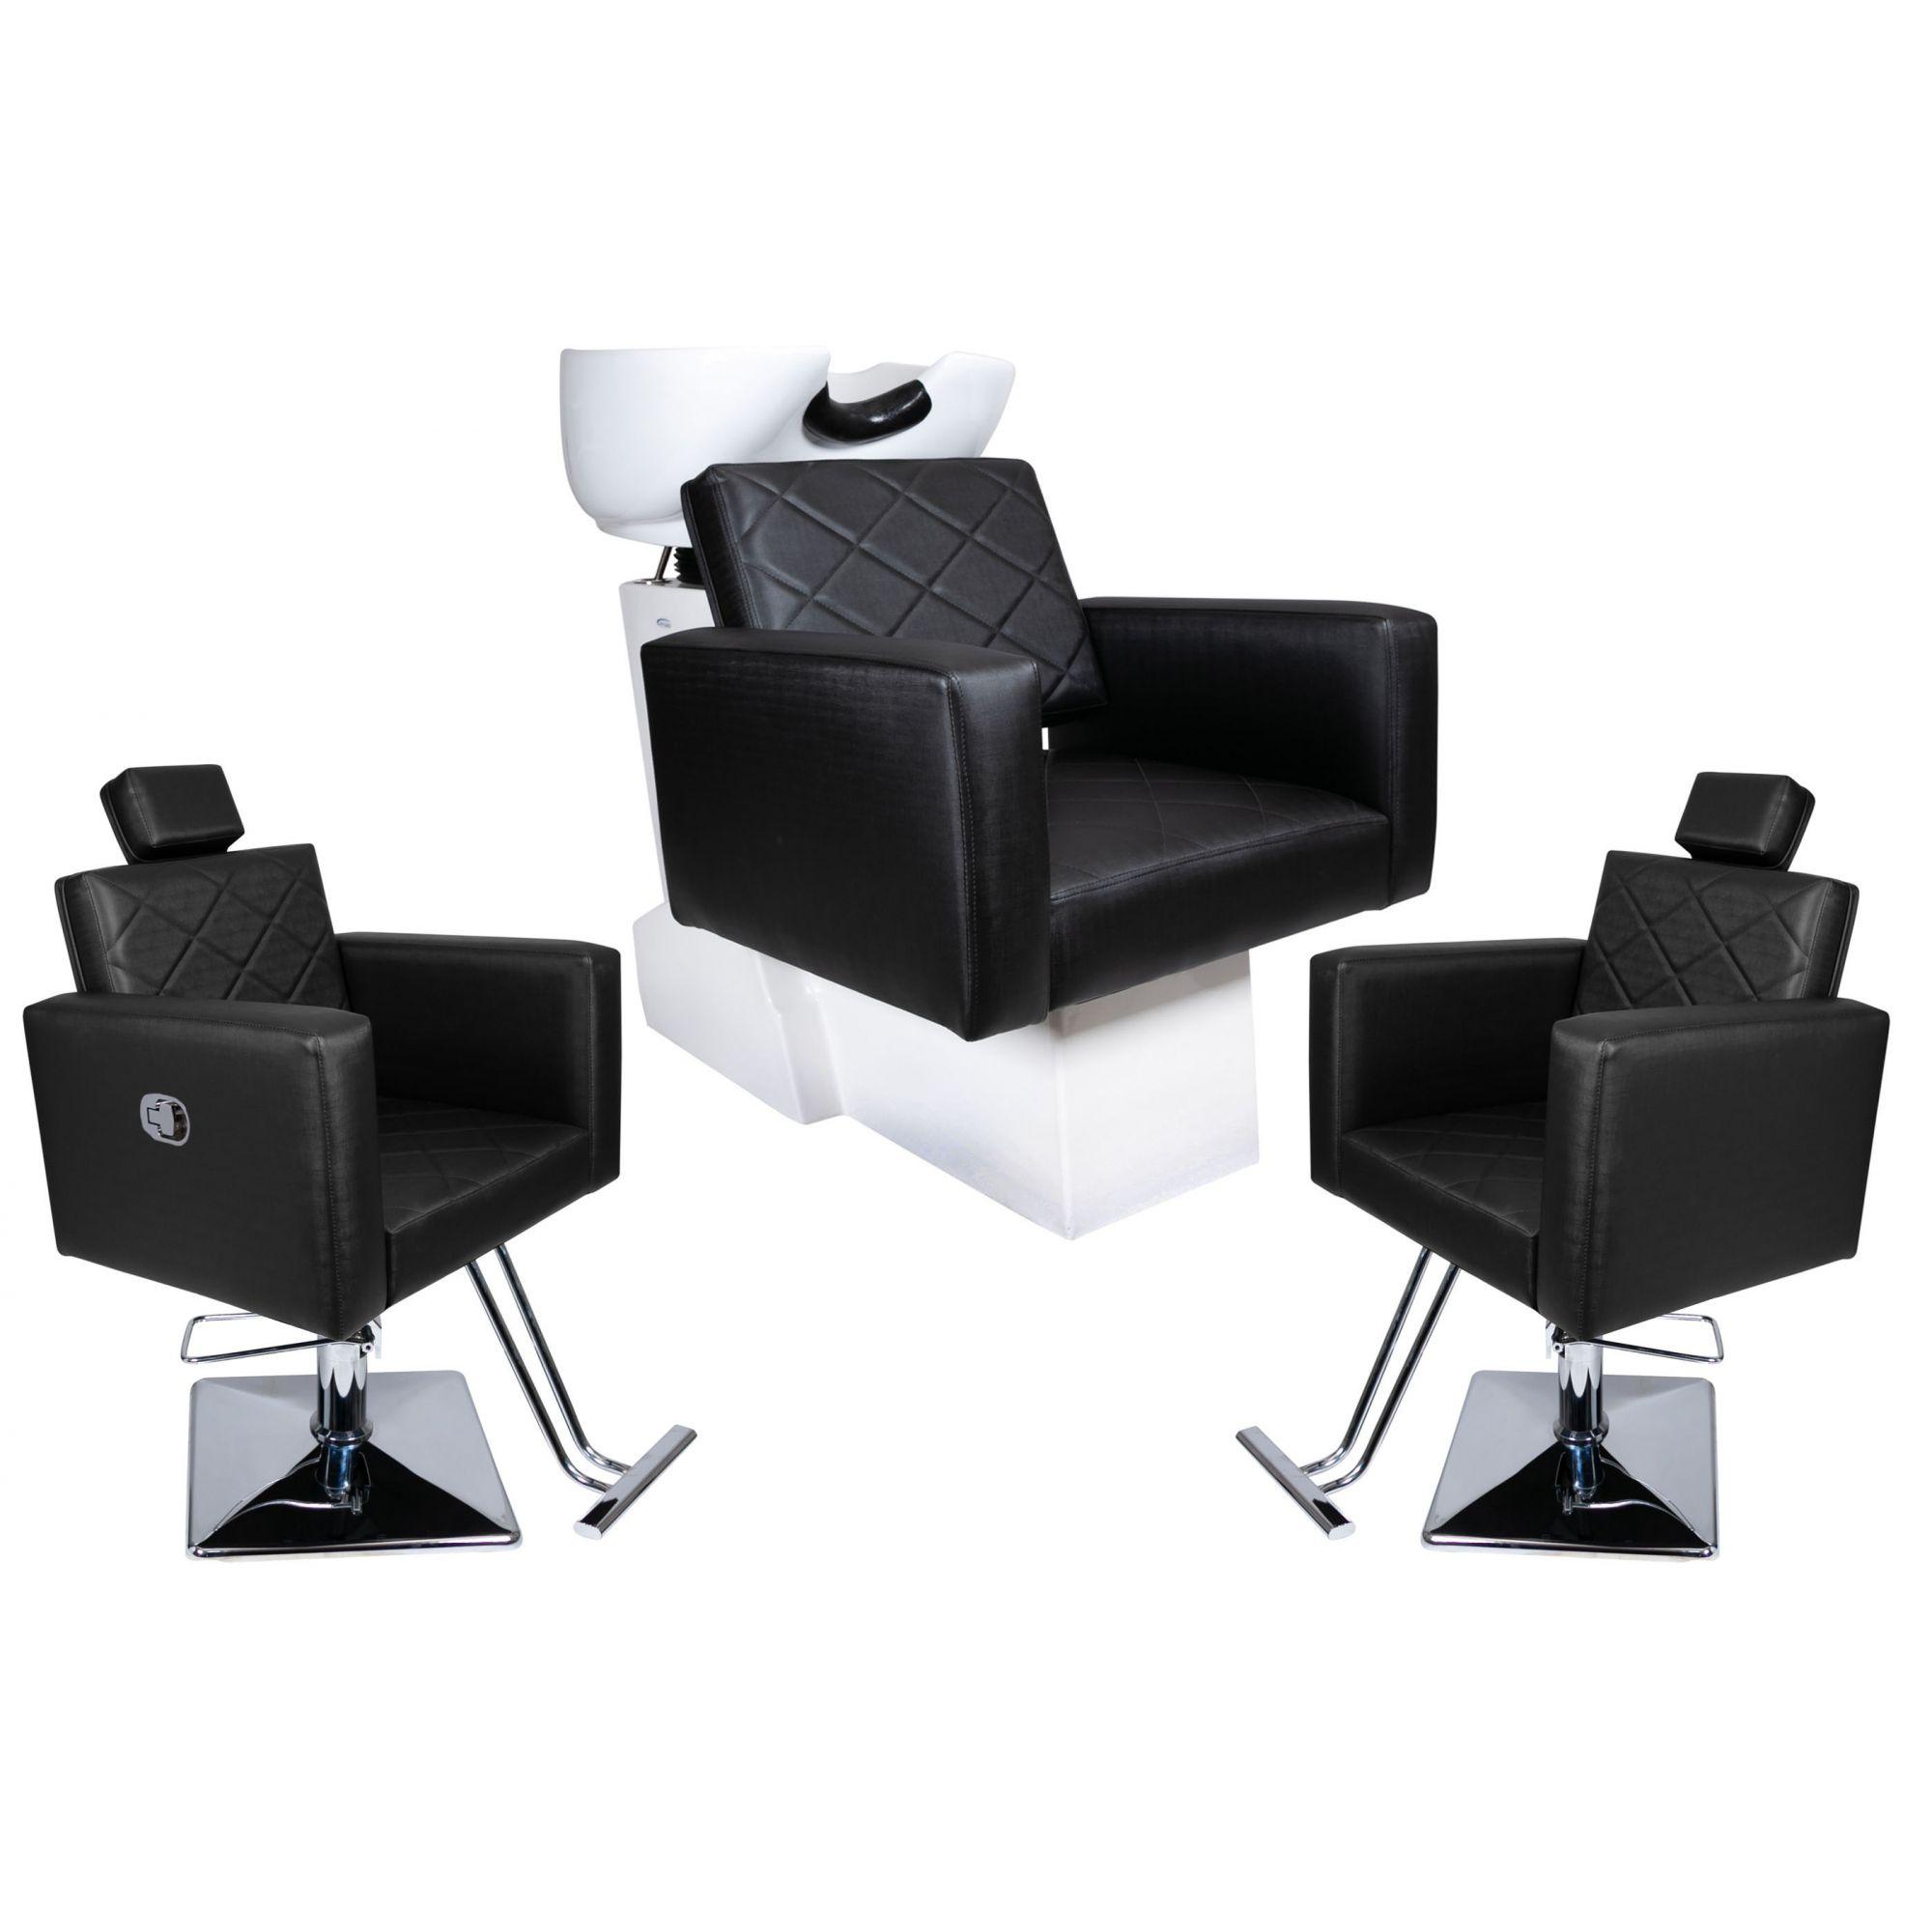 KIT Evidence - 1 Cadeira Fixa + 1 Cadeira Reclinável + 1 Lavatório com Bases Quadradas